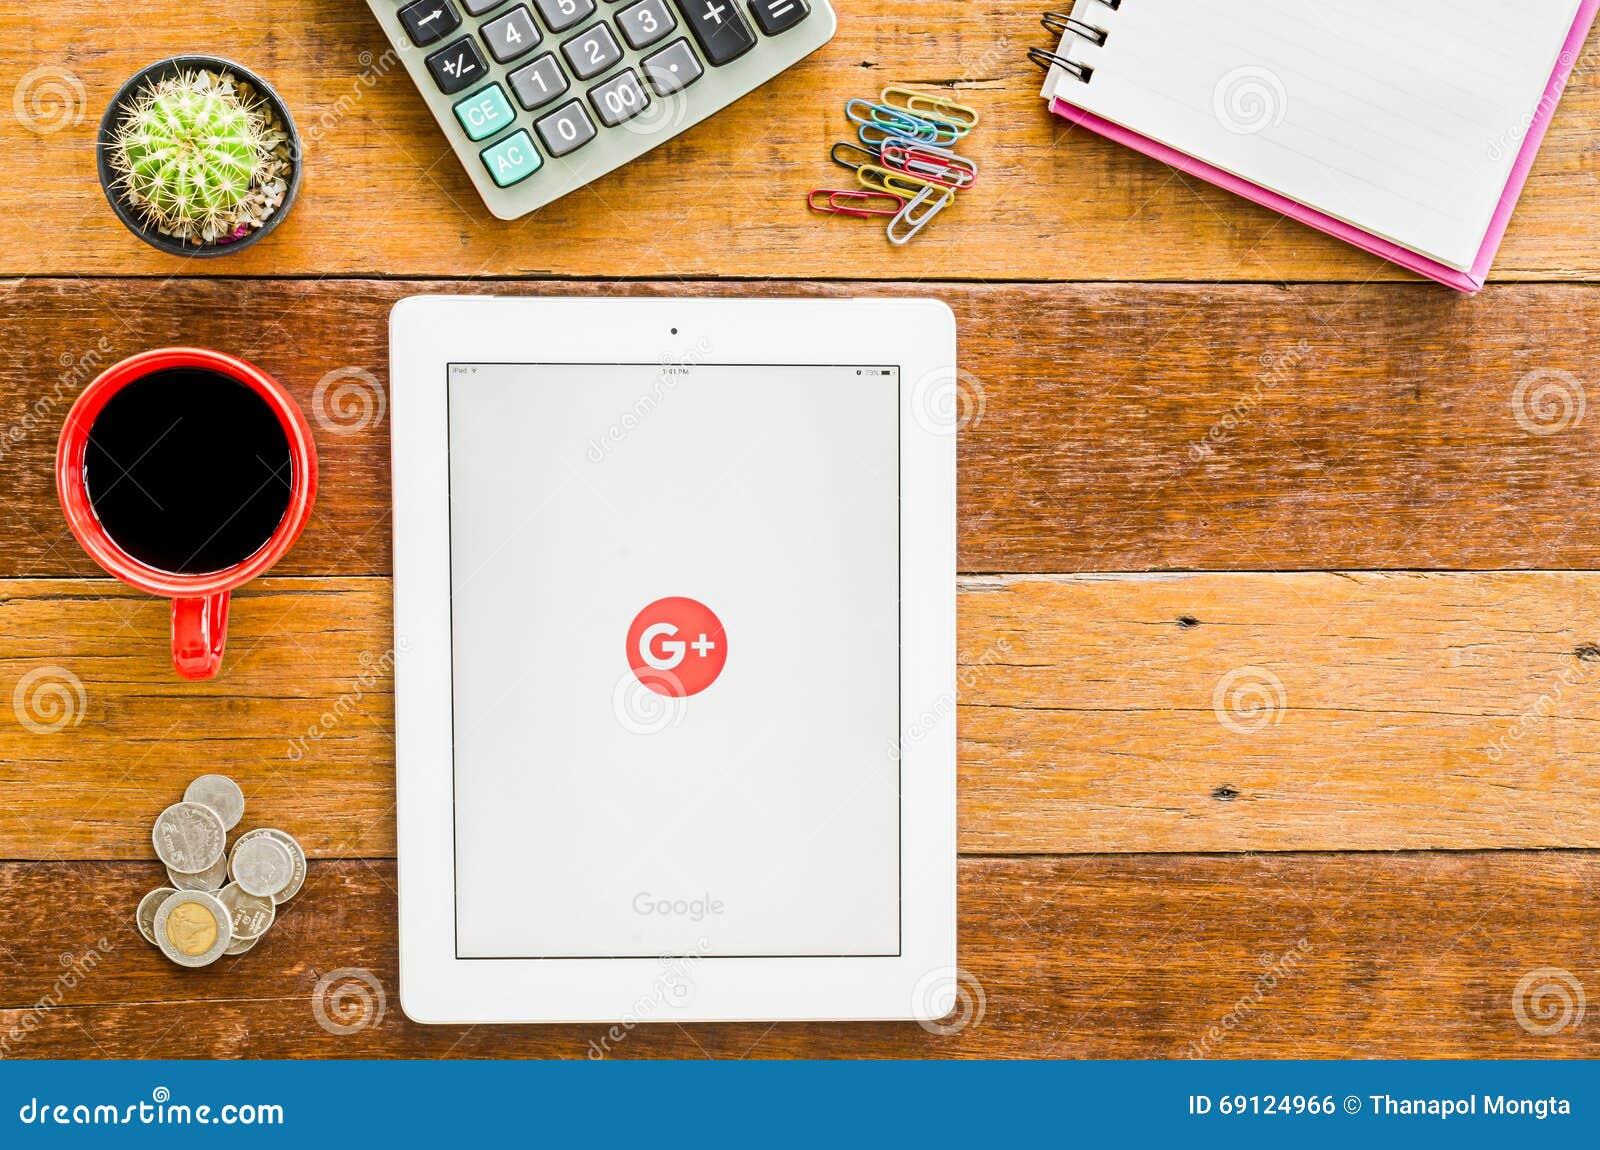 IPad 4 öppna Google plus applikation